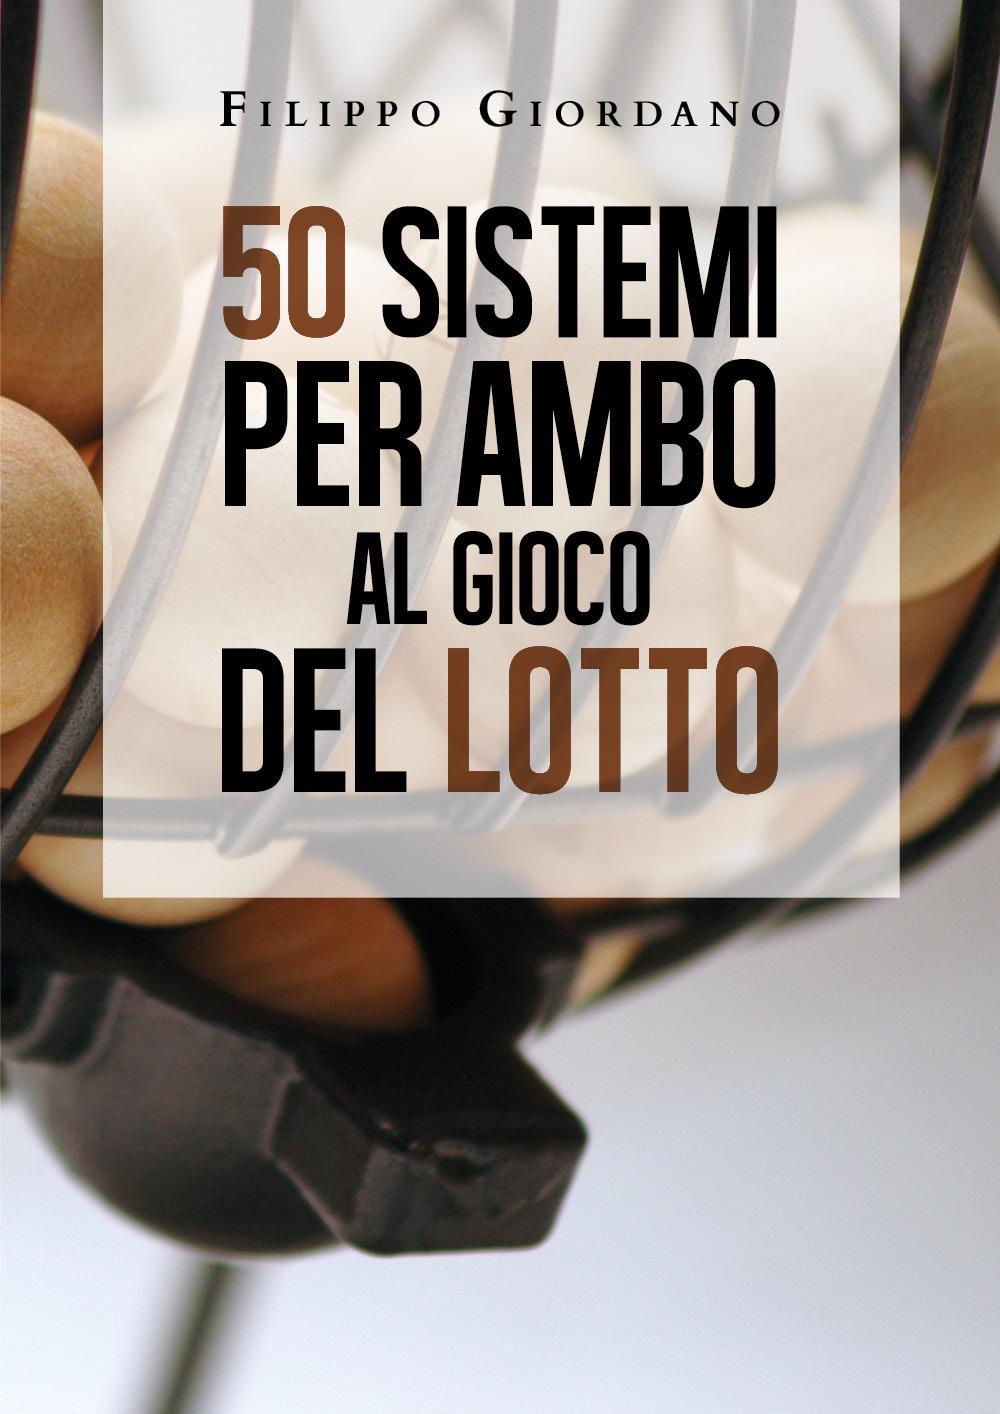 50 sistemi per ambo al gioco del lotto